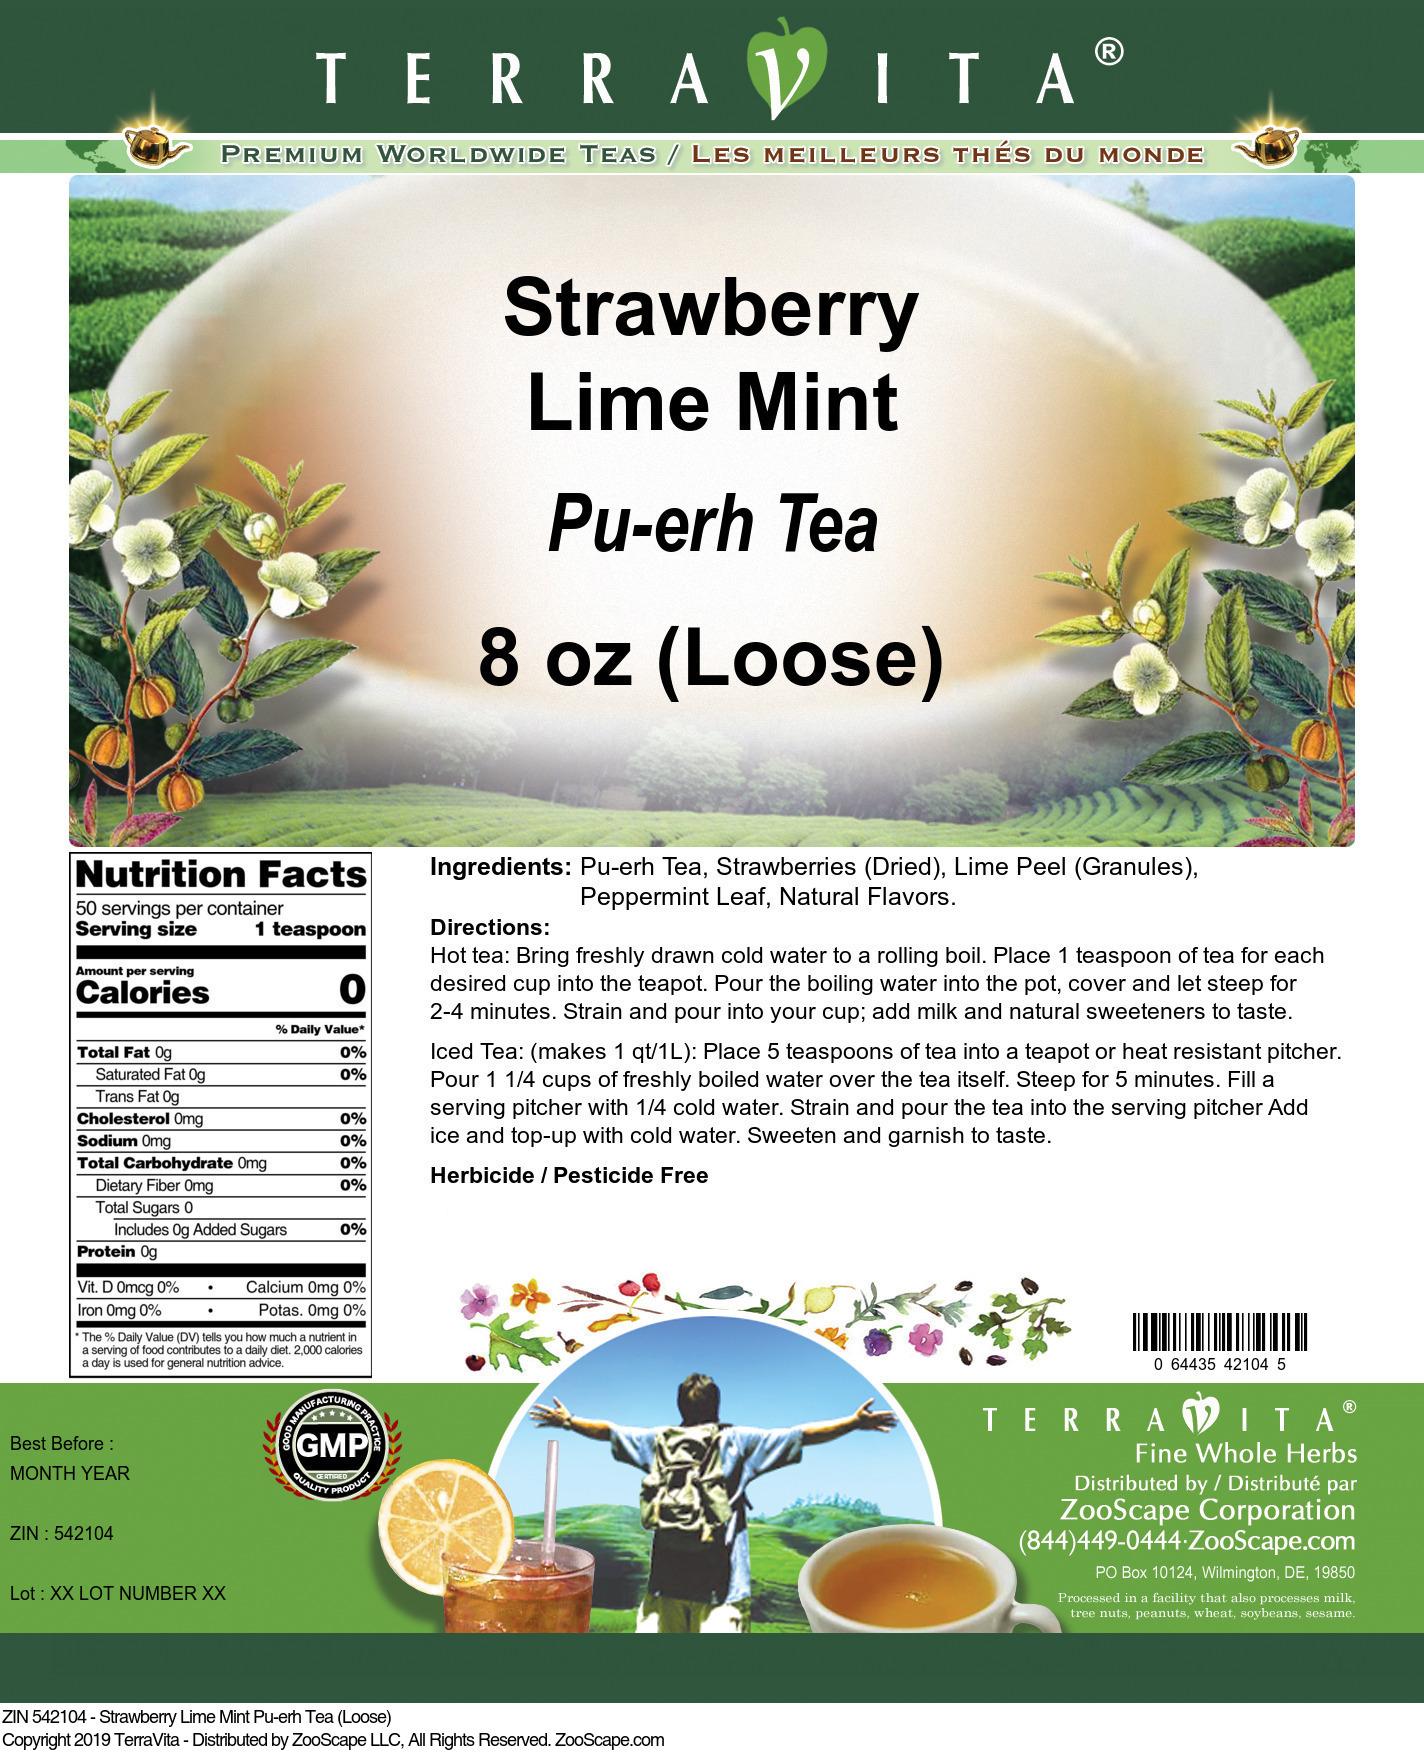 Strawberry Lime Mint Pu-erh Tea (Loose)